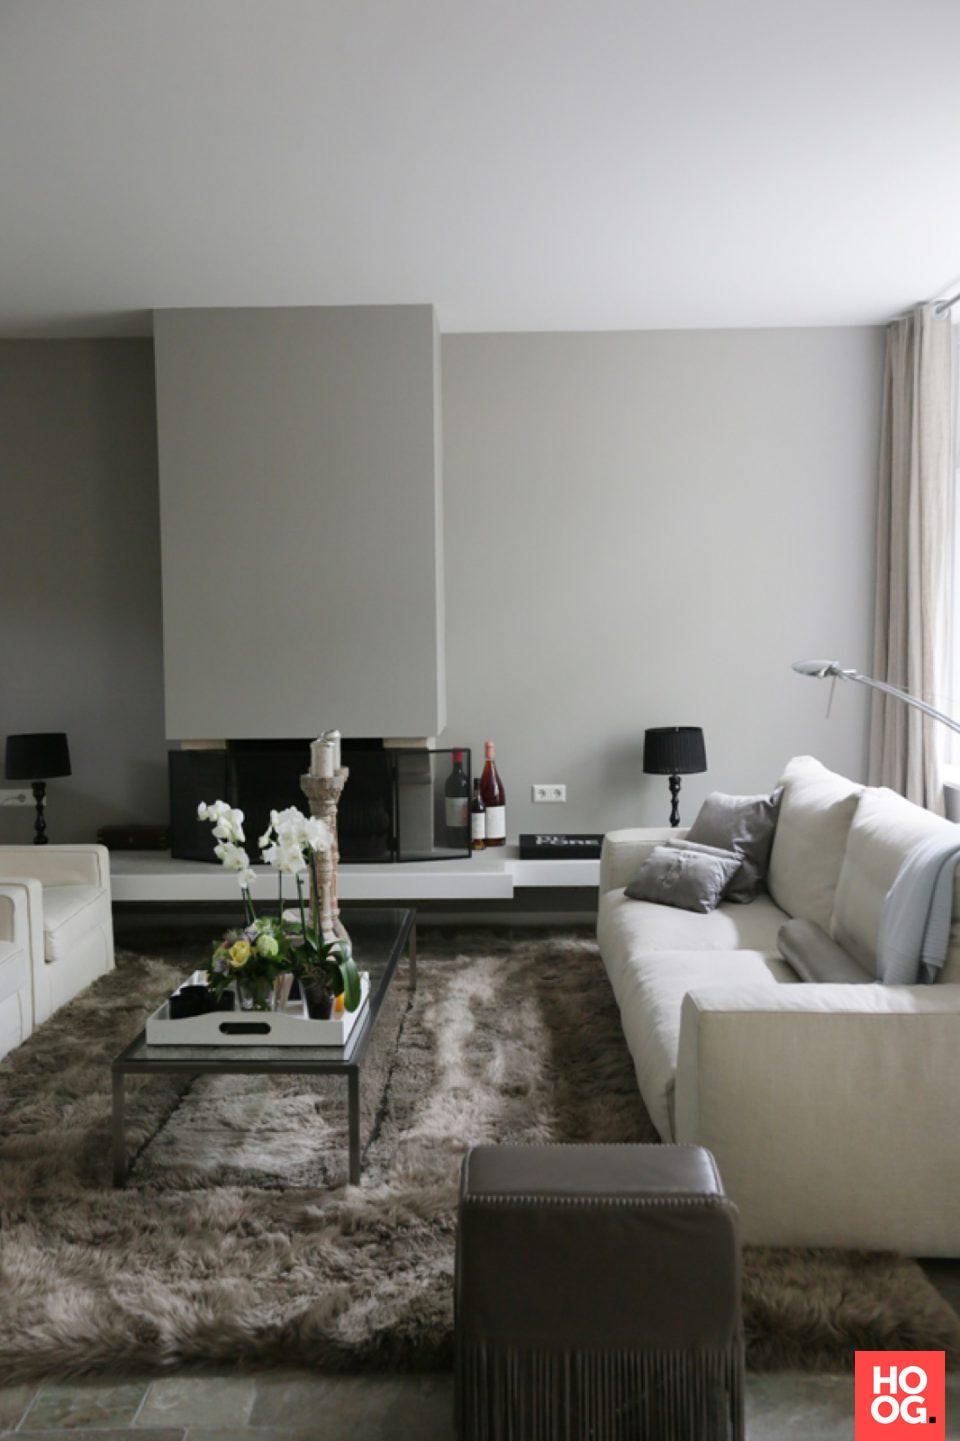 moderne woonkamer inrichting met luxe meubels en accessoires woonkamer ideen living room decor ideas